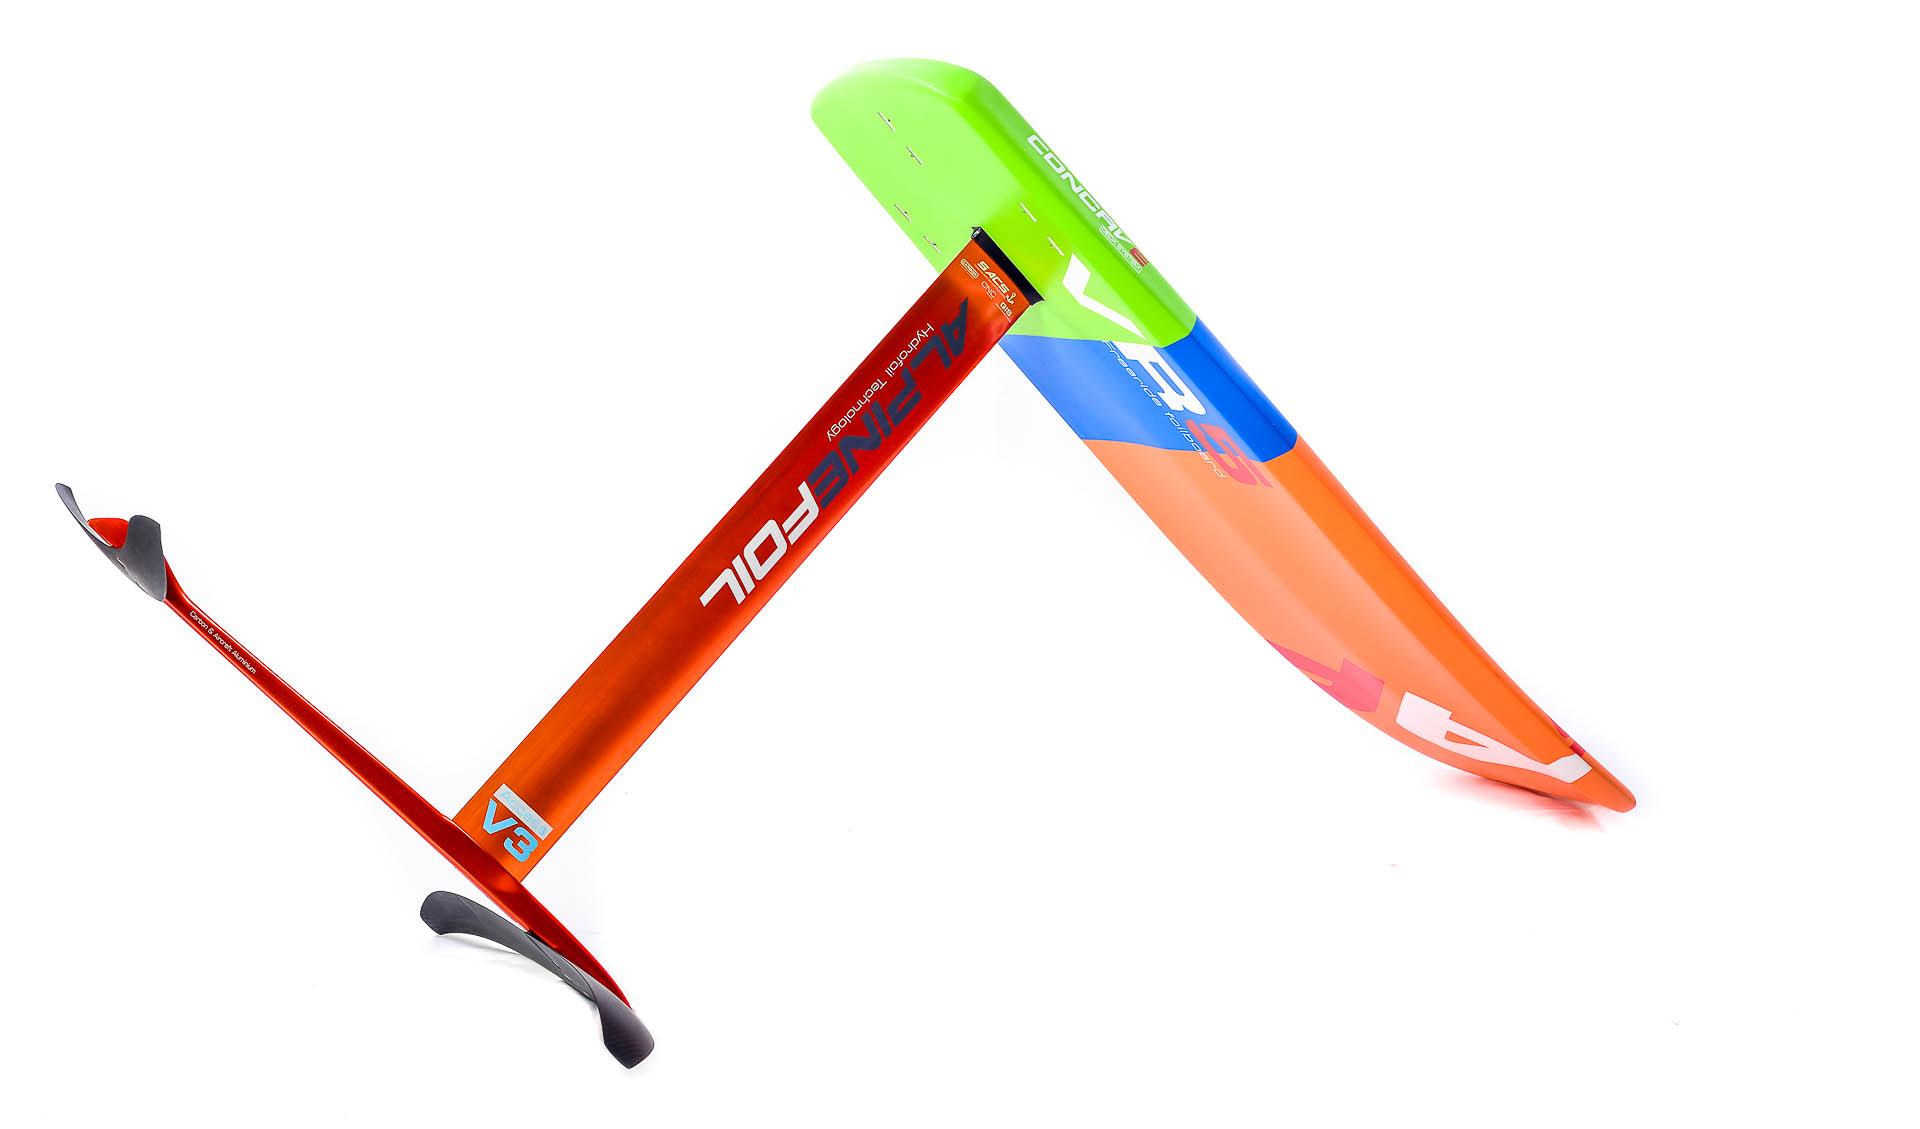 Kitefoil board alpinefoil 8858